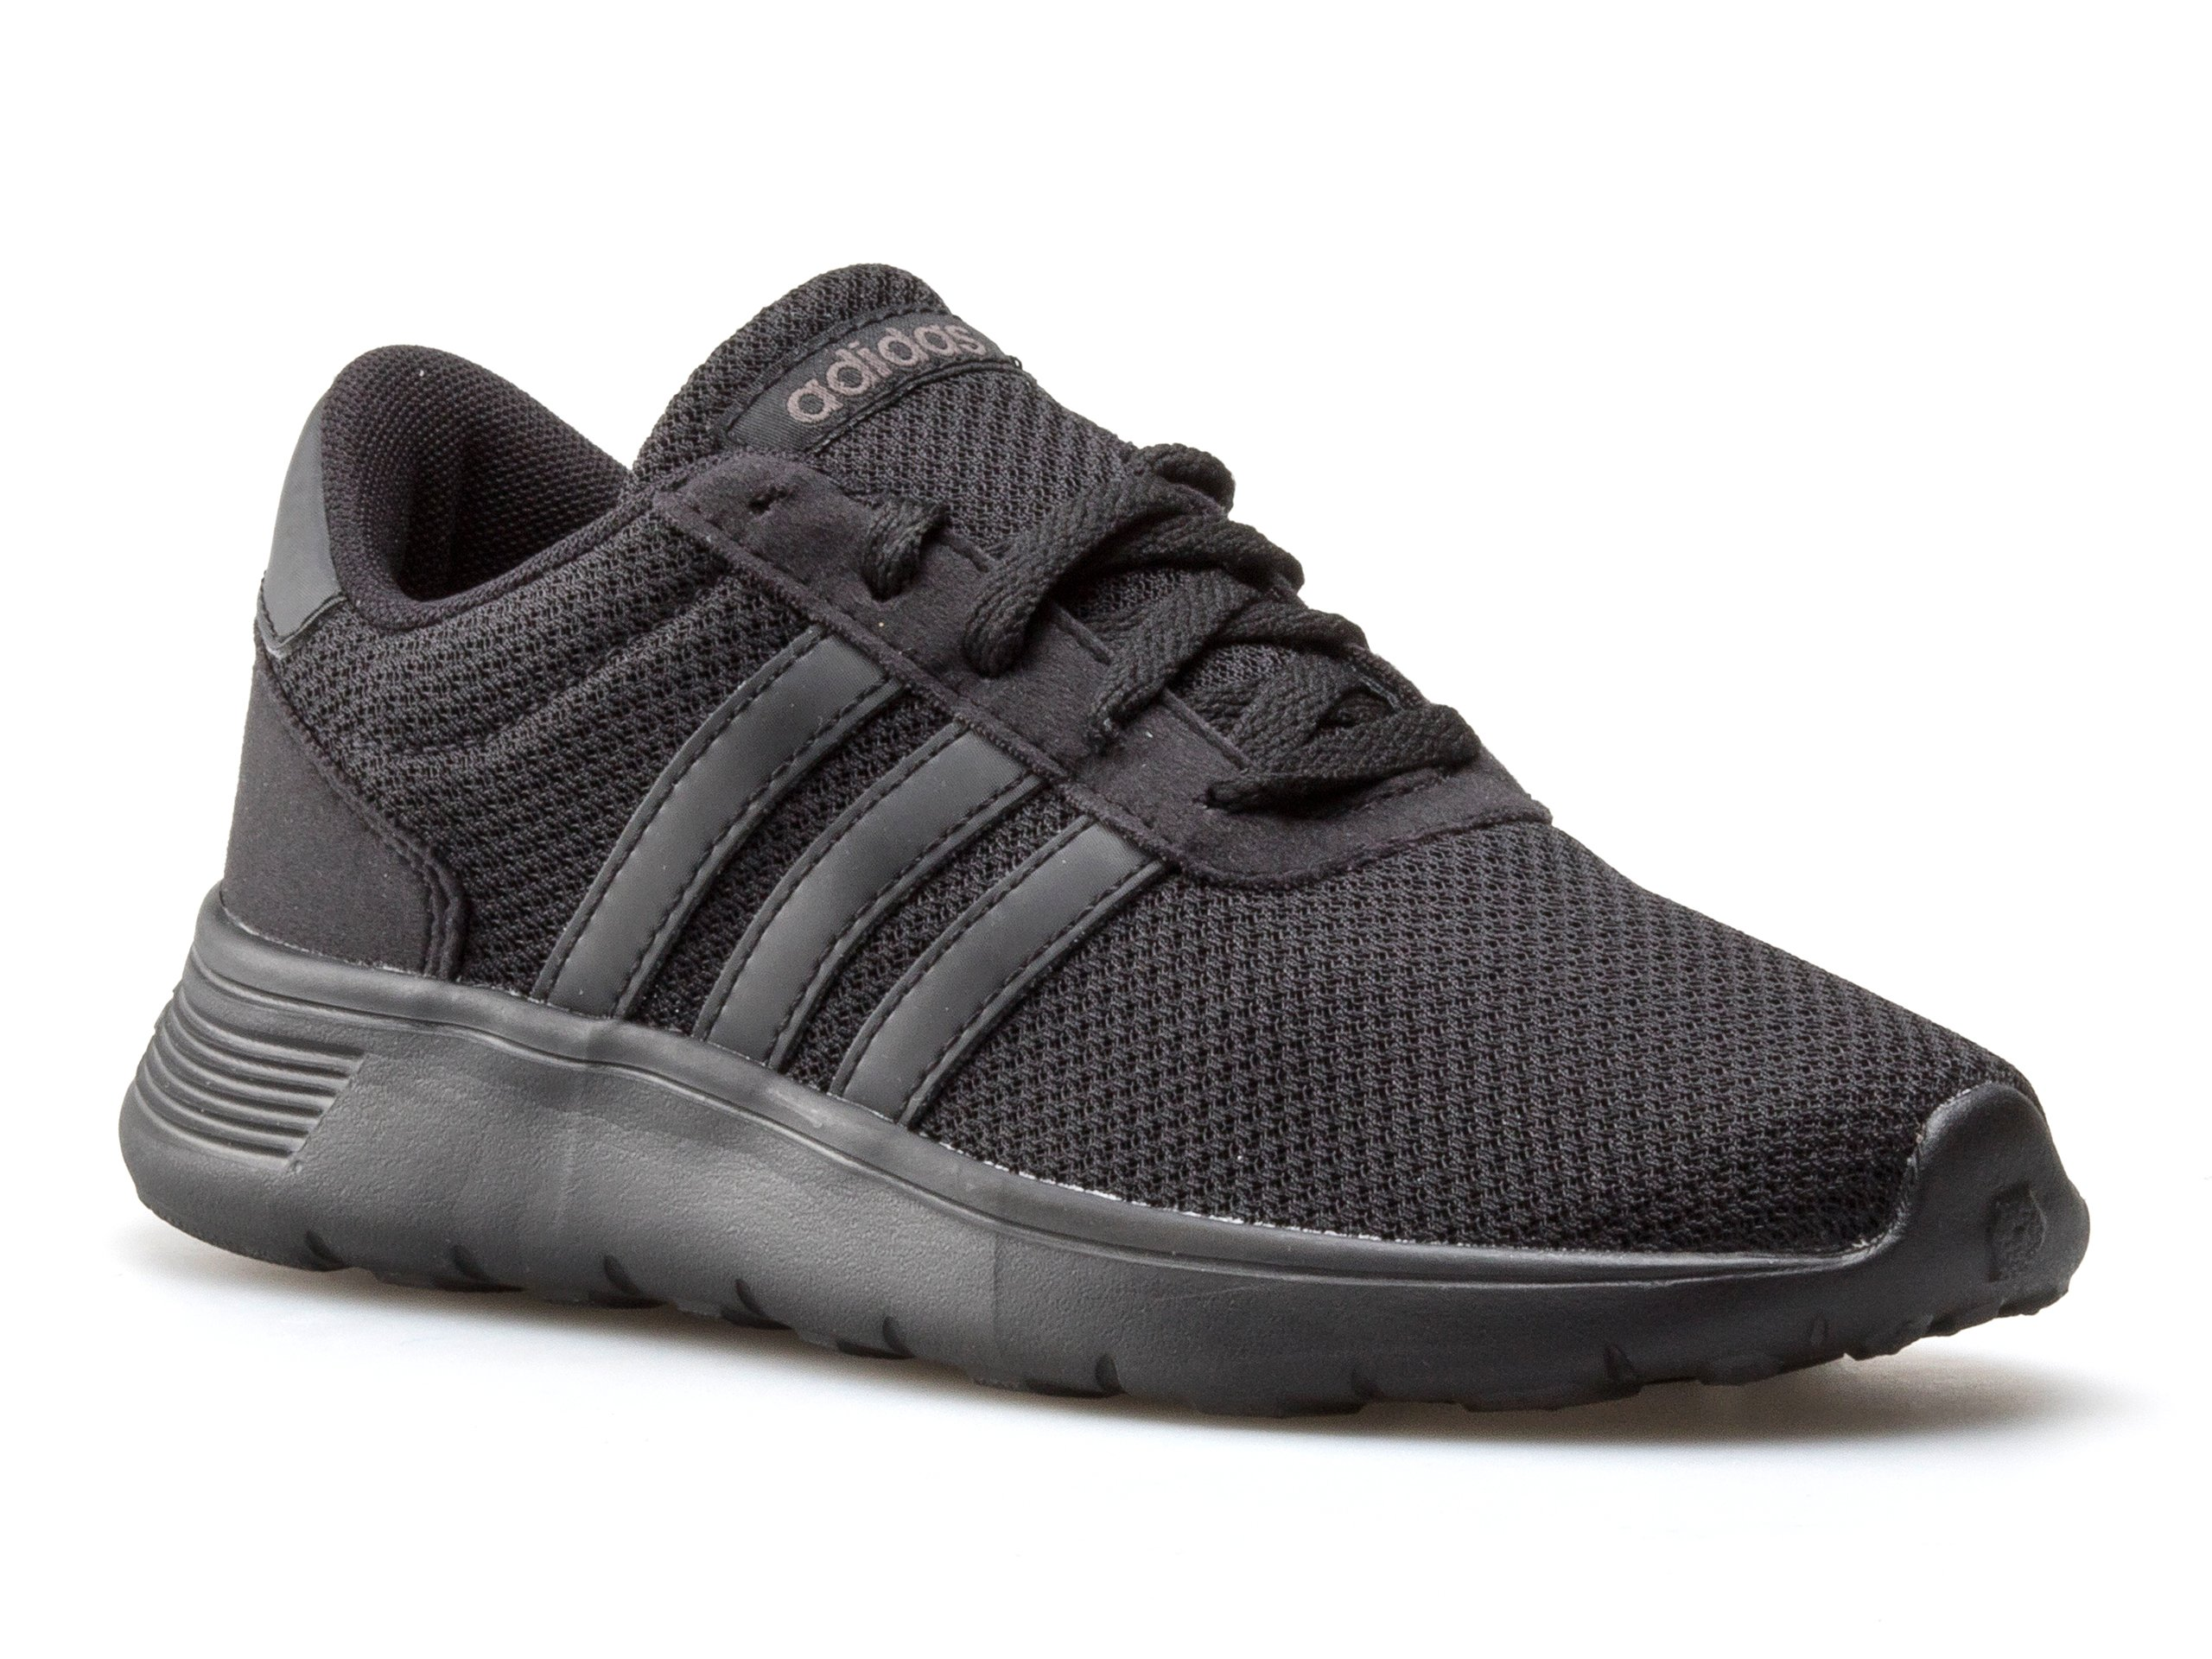 Buty dziecięce adidas LITE RACER BC0073 r. 36 23